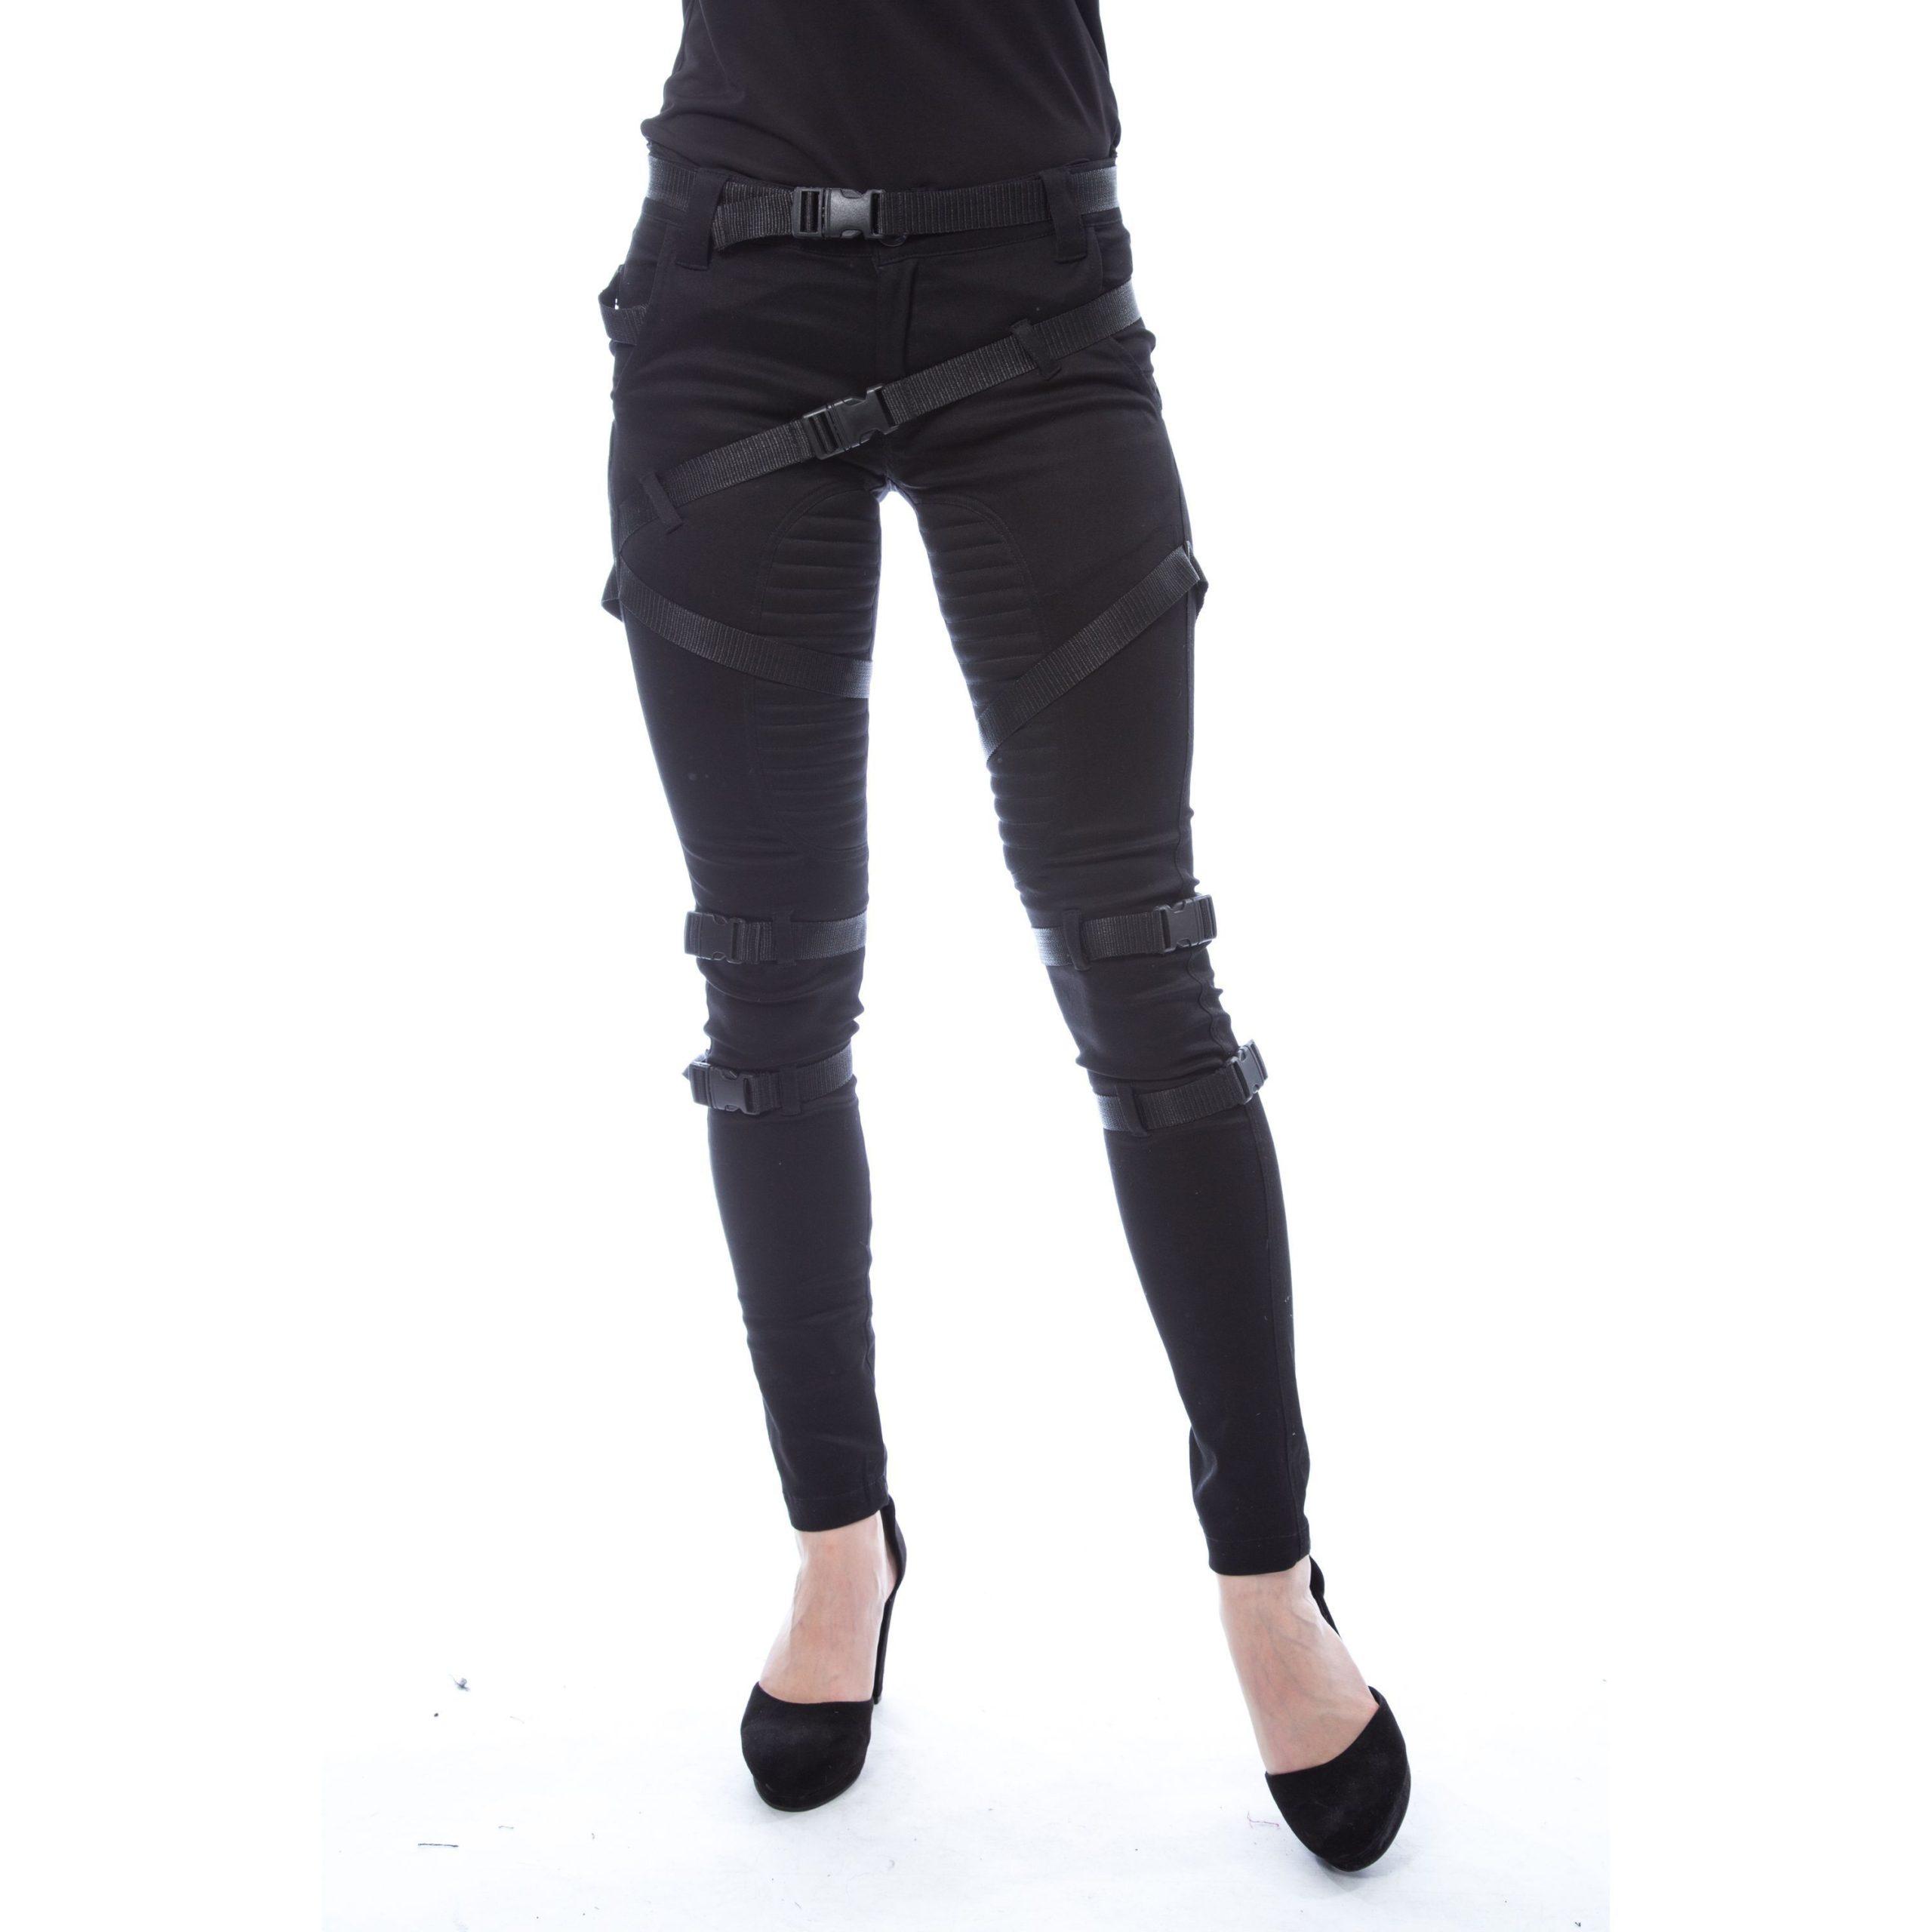 spitfire-pants-black-chemical-black-1